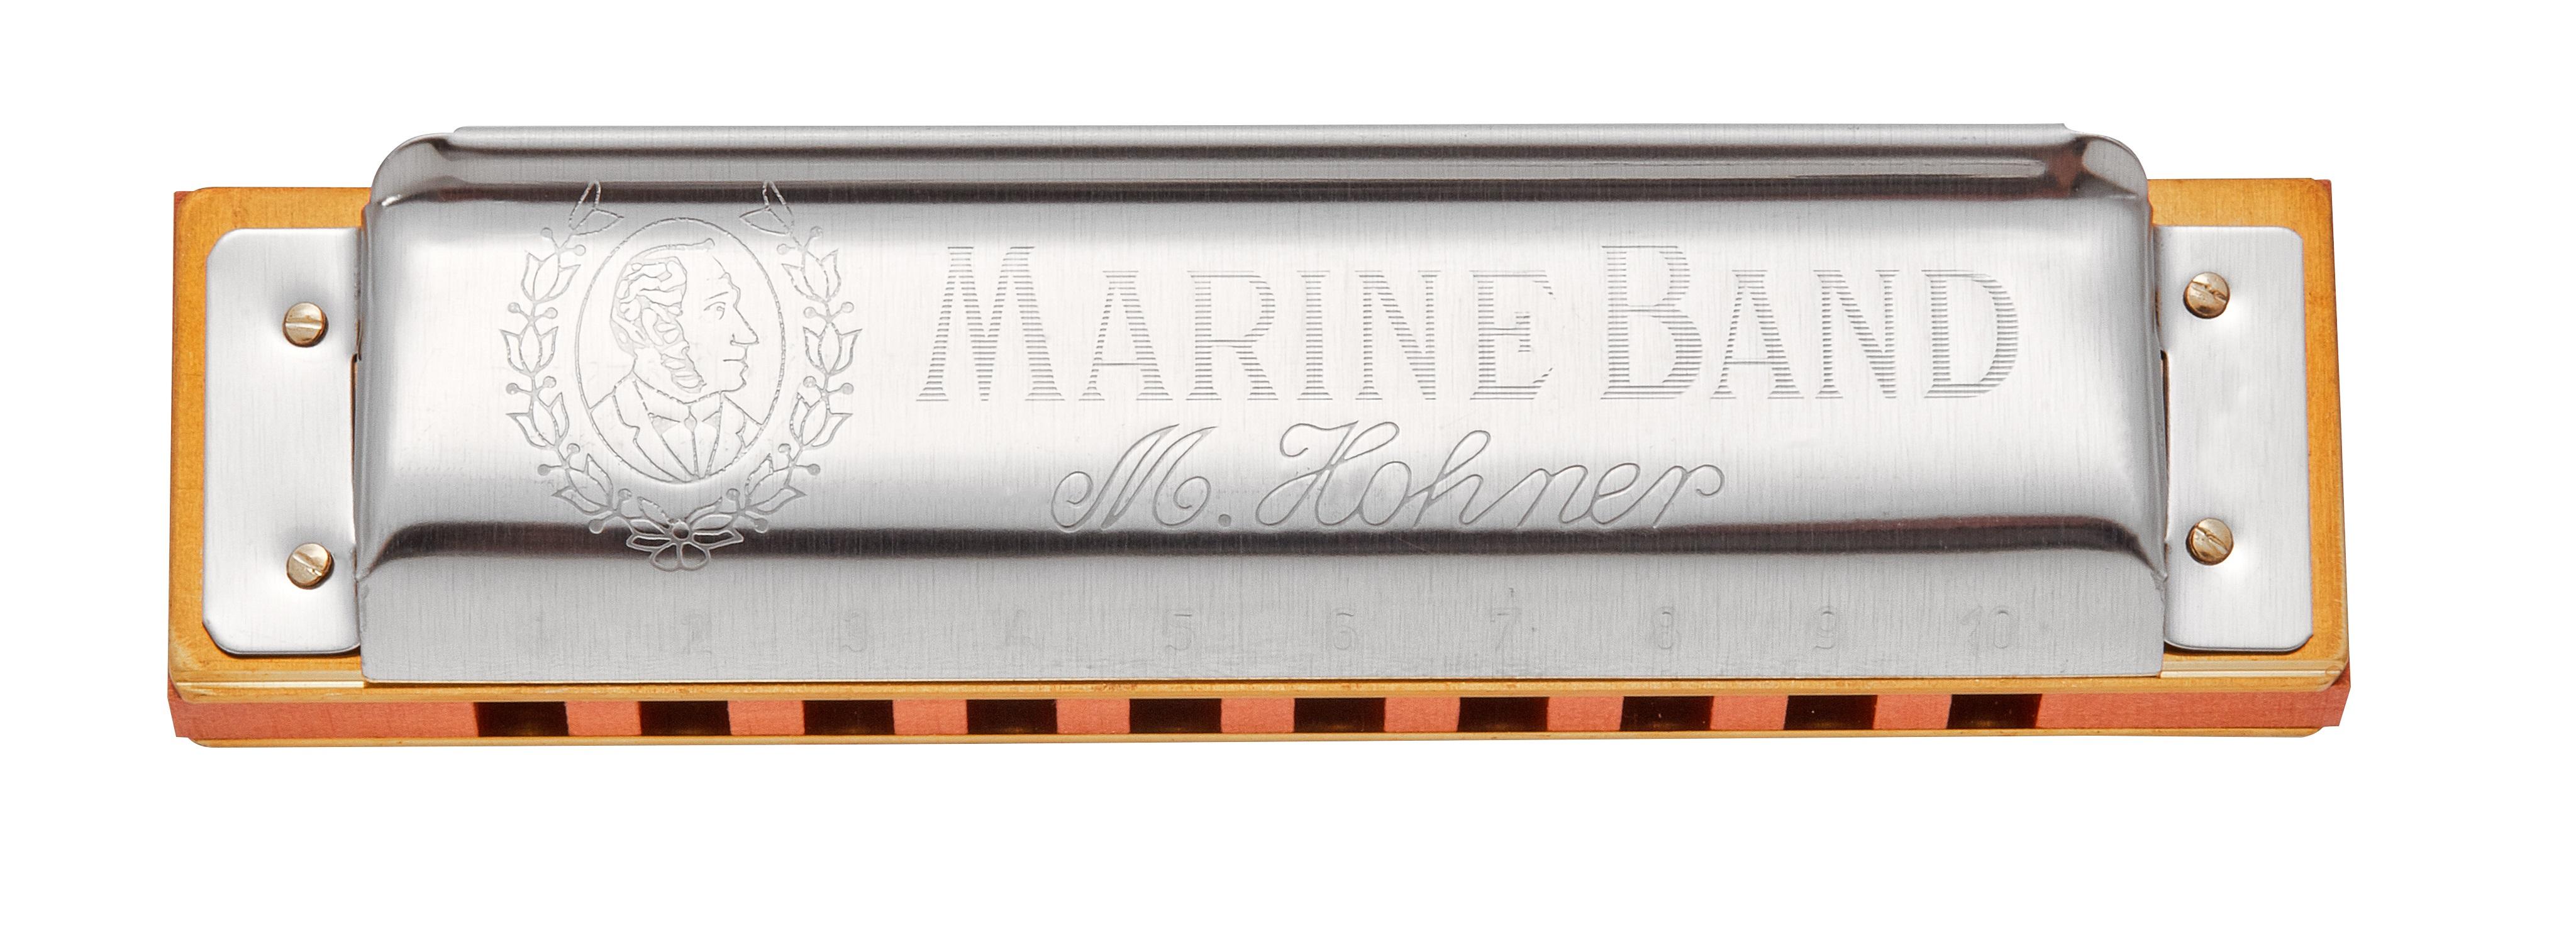 Hohner Marine Band 1896 A-natural minor